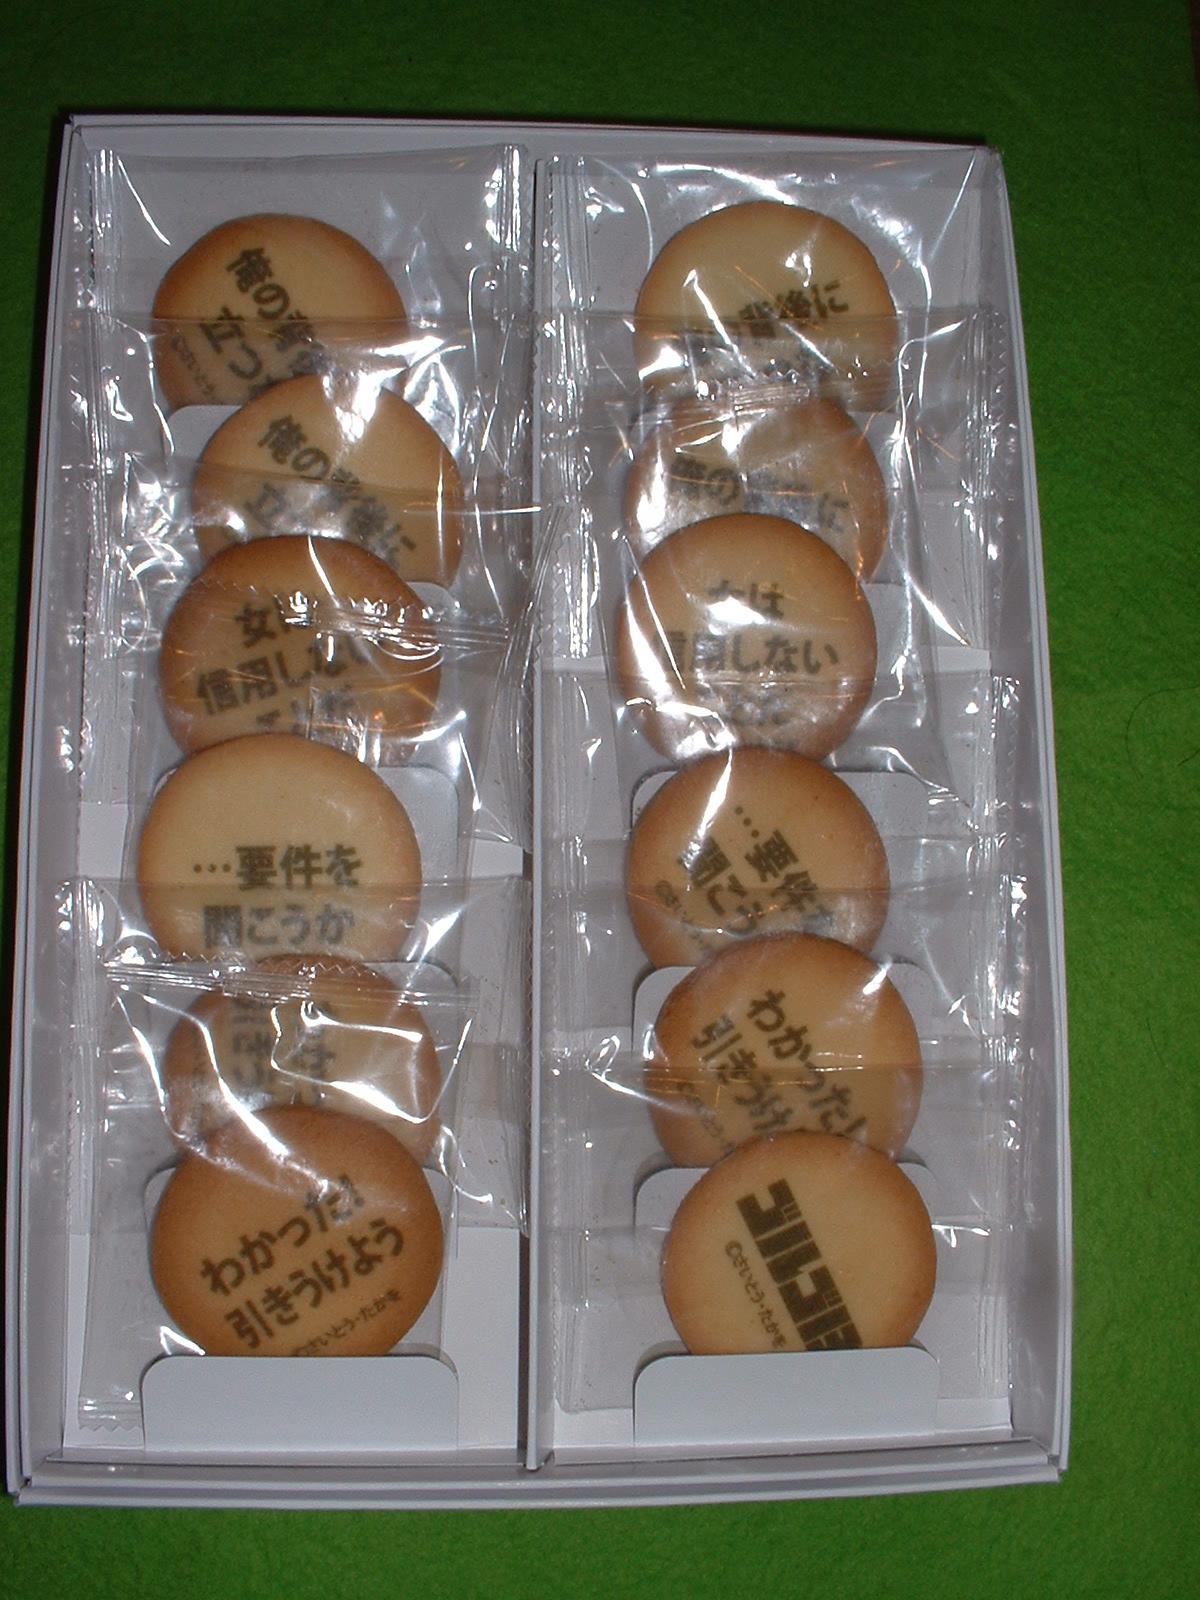 2014.08.10のお出かけ お土産「ゴルゴ13 クッキー」その2 Doburoku-TAO.JPG